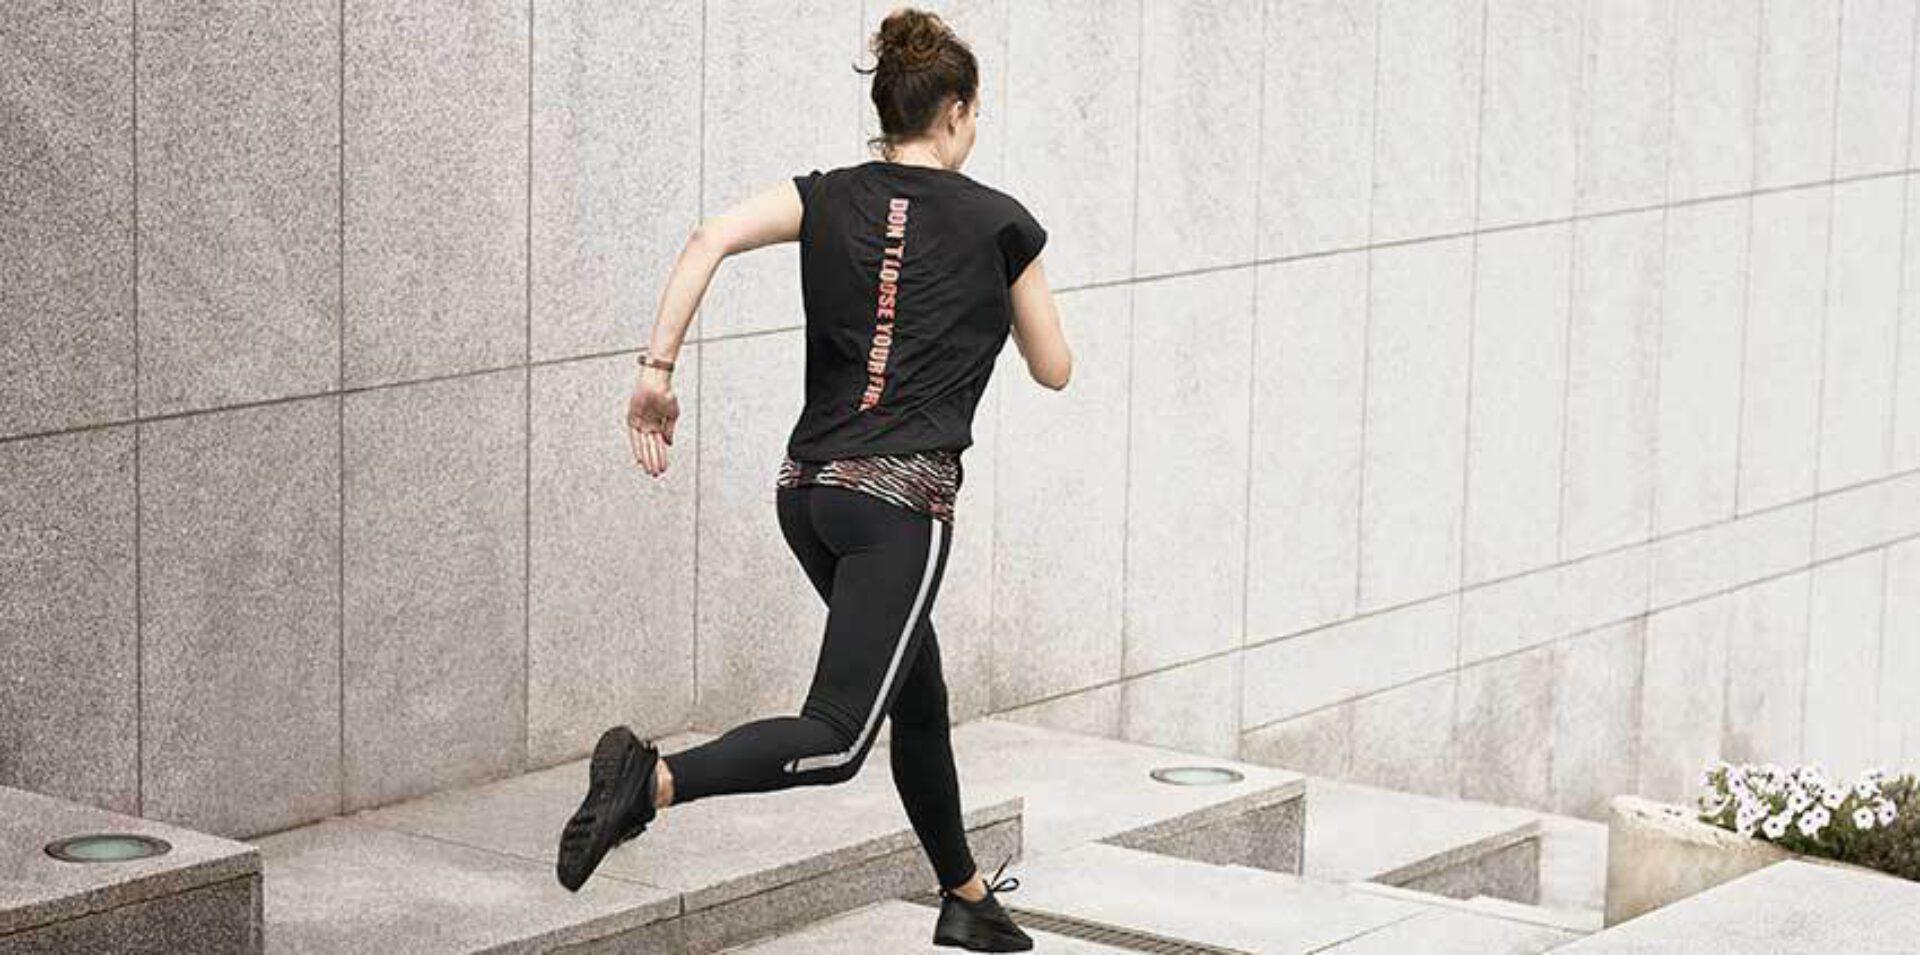 Trotseer de belangrijkste valkuilen tijdens het lopen met de tips van Evy Gruyaert